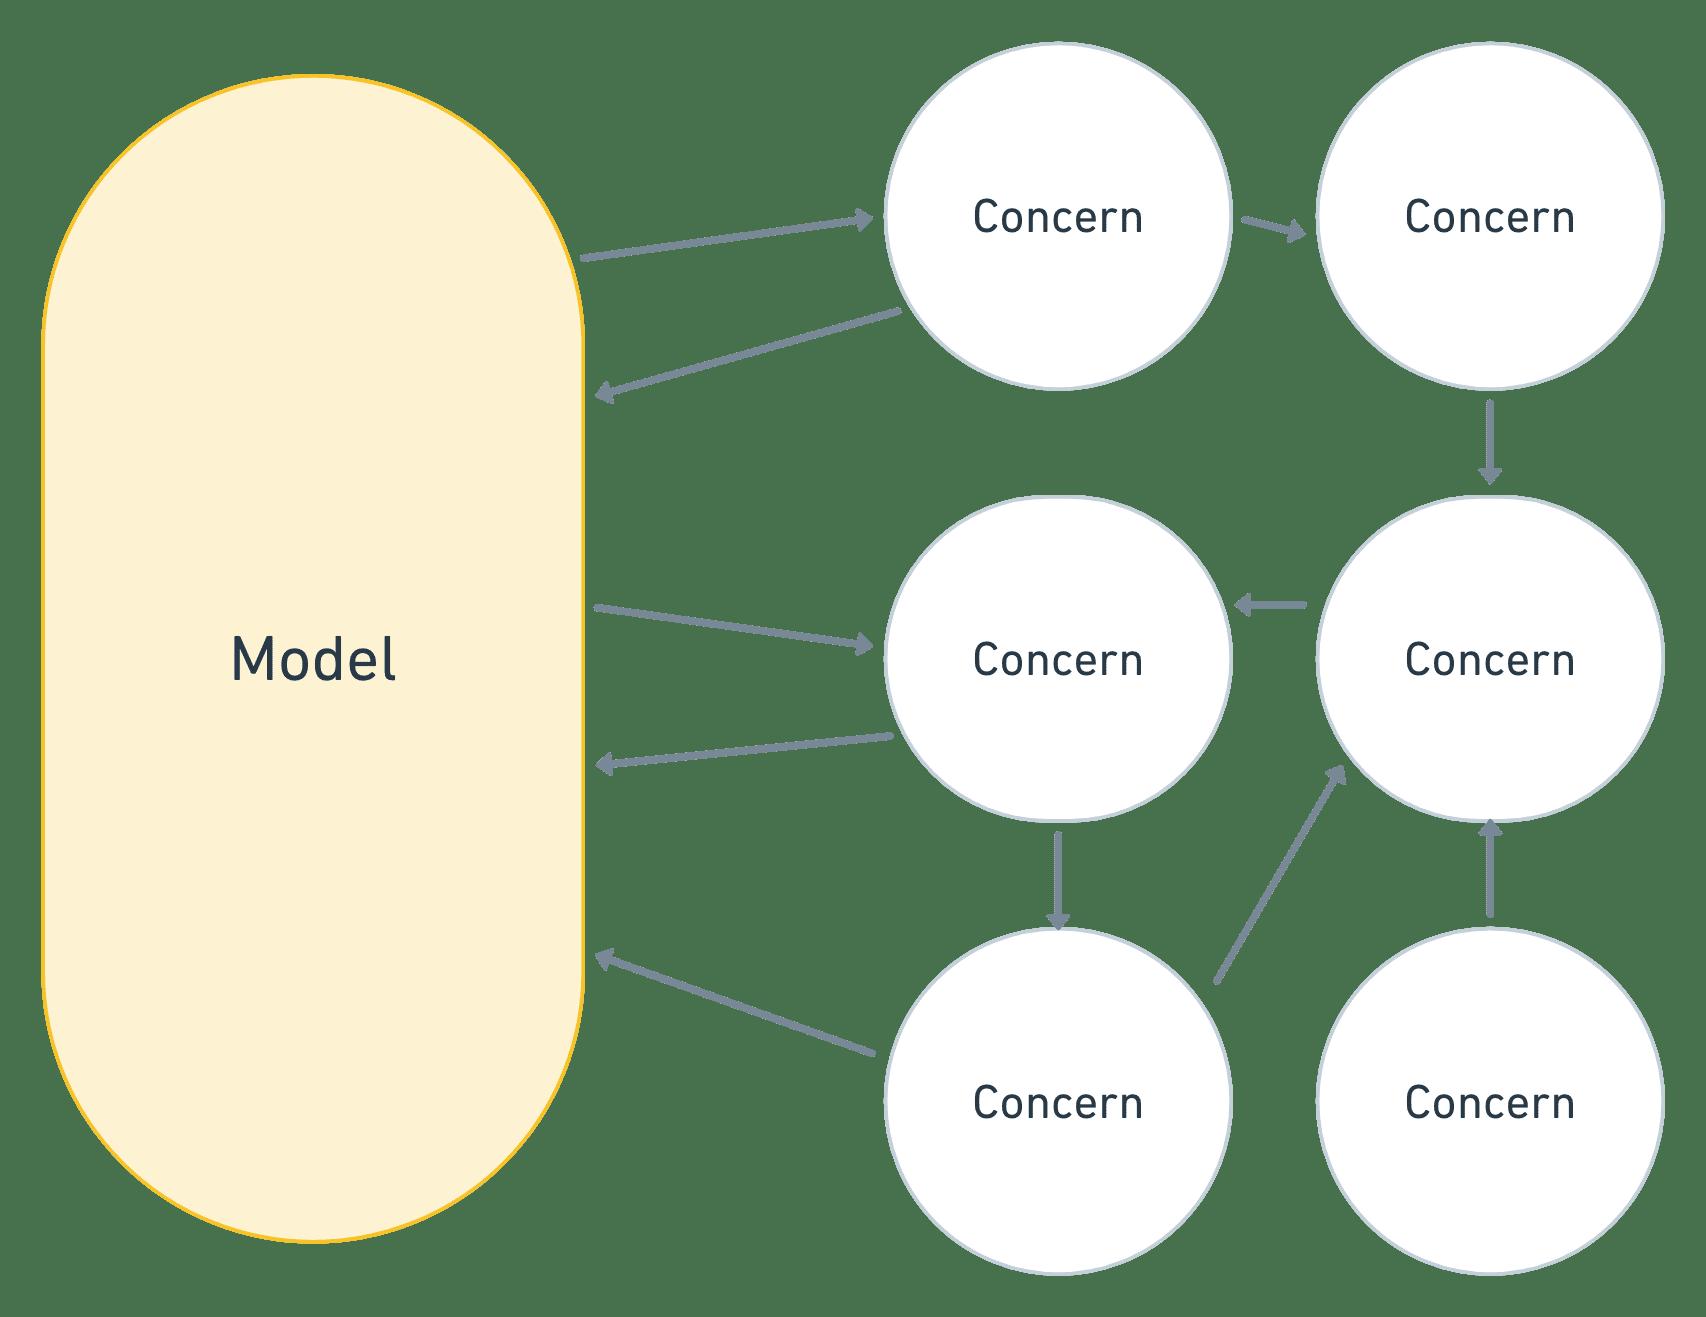 Model concerns